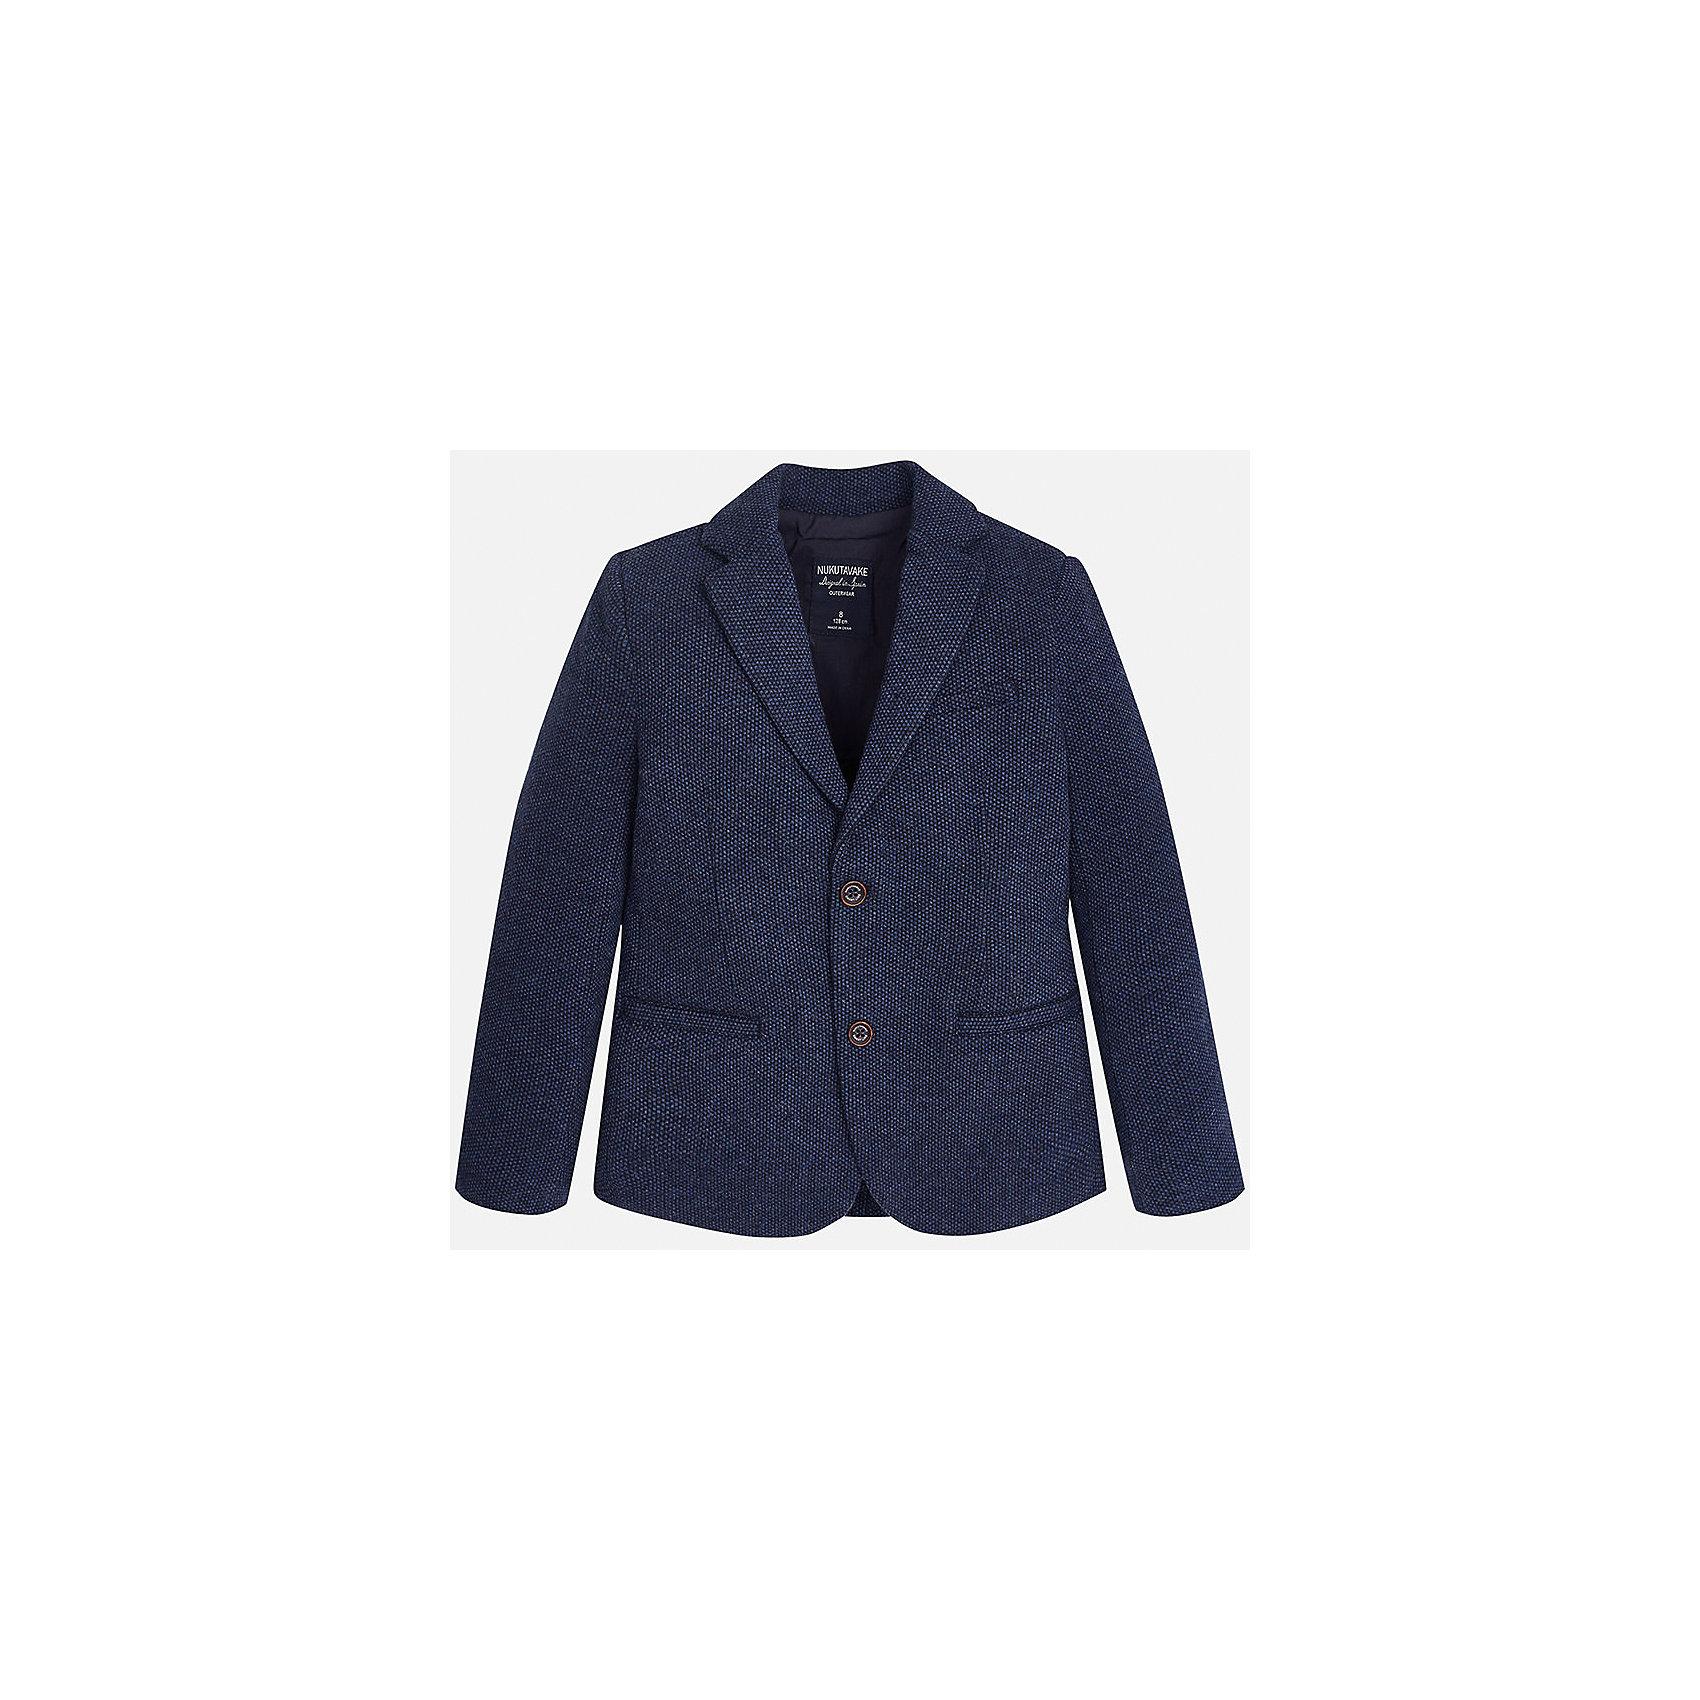 Пиджак для мальчика MayoralПиджаки и костюмы<br>Характеристики товара:<br><br>• цвет: синий;<br>• стиль: школа<br>• состав ткани: 60% хлопок, 40% полиэстер;<br>• отложный воротник;<br>• на пуговицах;<br>• передние карманы;<br>• сезон: демисезон;<br>• страна бренда: Испания;<br>• страна изготовитель: Китай.<br><br>Пиджак для мальчика от популярного бренда Mayoral на подкладке, выполнен из приятной на ощупь ткани, застёгивается на пуговицы. Однотонная модель синего цвета дополнена двумя декоративными передними карманами.<br><br>Стильный пиджак выгодно подчеркнёт повседневный и школьный образ ребёнка, смотрится аккуратно и нарядно. Замечательно комбинируется со многими предметами гардероба.<br><br>Для производства детской одежды популярный бренд Mayoral используют только качественную фурнитуру и материалы. Оригинальные и модные вещи от Майорал неизменно привлекают внимание и нравятся детям.<br><br>Пиджак для мальчика  Mayoral (Майорал) можно купить в нашем интернет-магазине.<br><br>Ширина мм: 190<br>Глубина мм: 74<br>Высота мм: 229<br>Вес г: 236<br>Цвет: синий<br>Возраст от месяцев: 168<br>Возраст до месяцев: 180<br>Пол: Мужской<br>Возраст: Детский<br>Размер: 170,128/134,140,152,158,164<br>SKU: 6938761